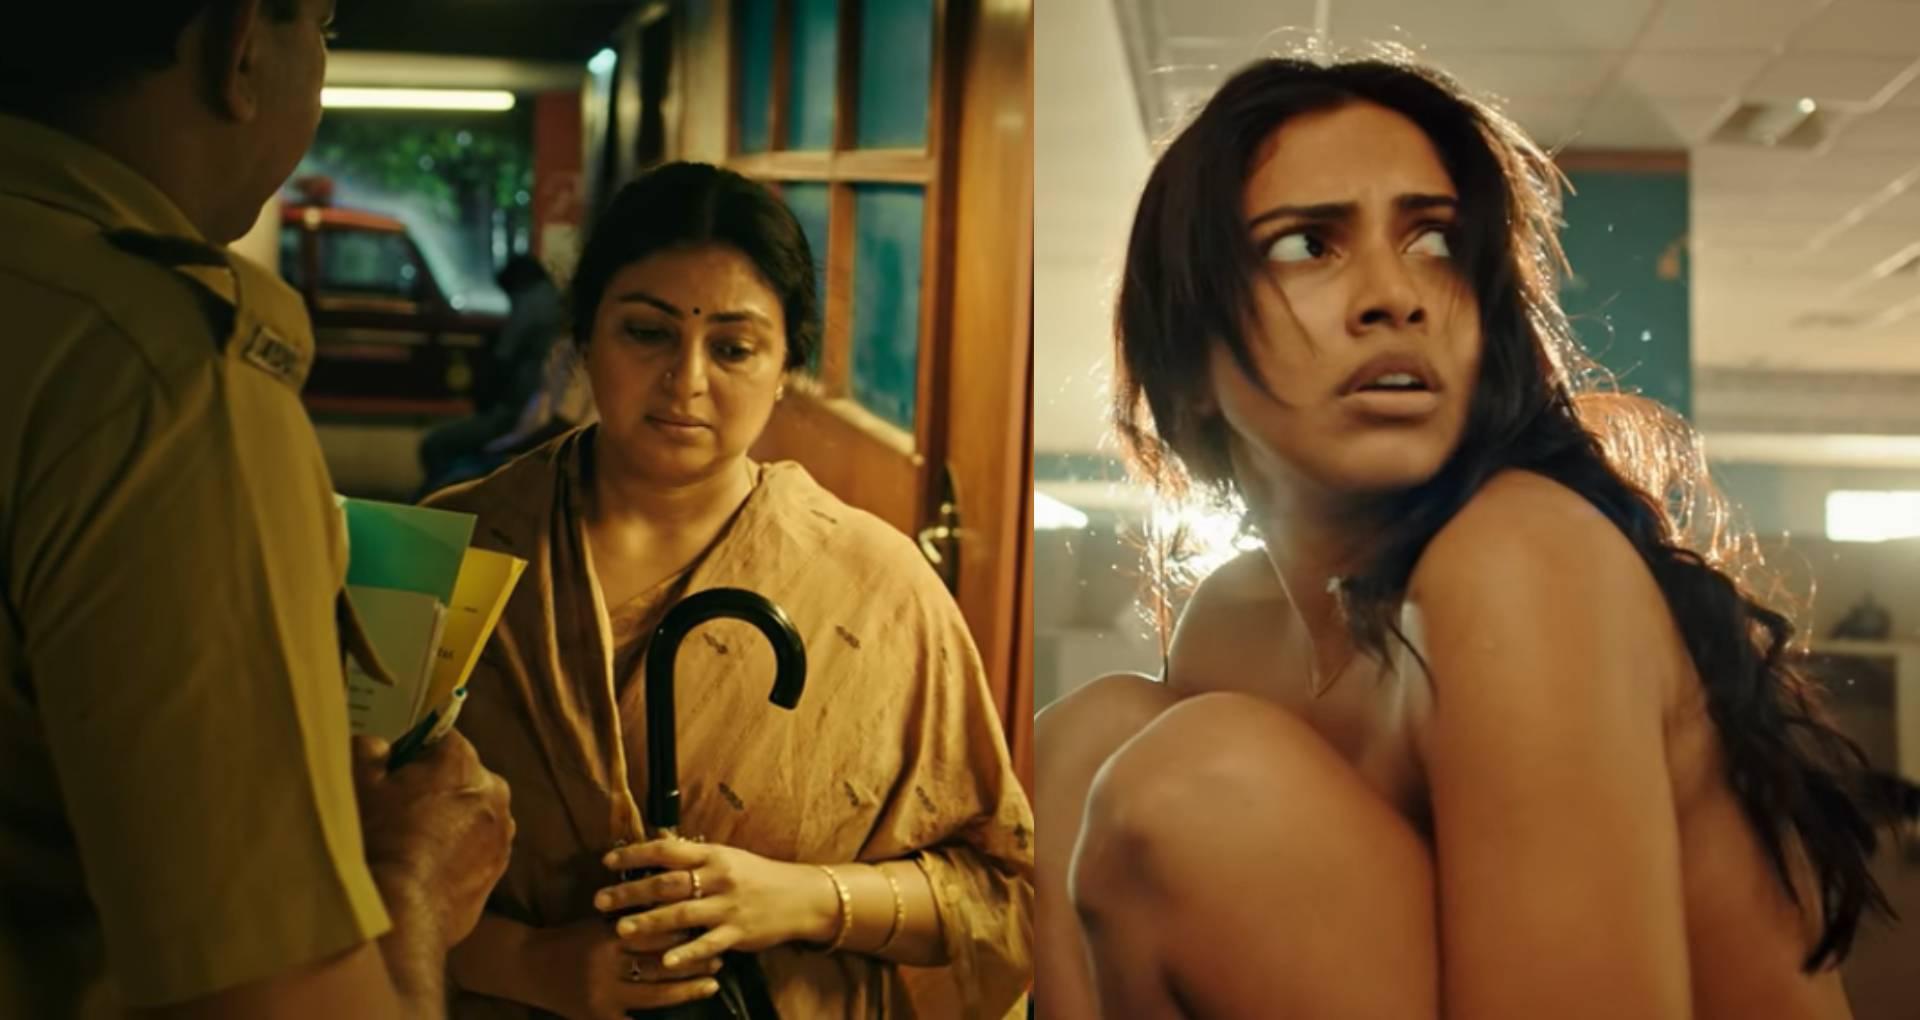 Aadai Teaser Release: करण जौहर ने रिलीज किया आदाई का टीजर, एक्ट्रेस अमाला पॉल के बोल्ड अवतार ने किया हैरान